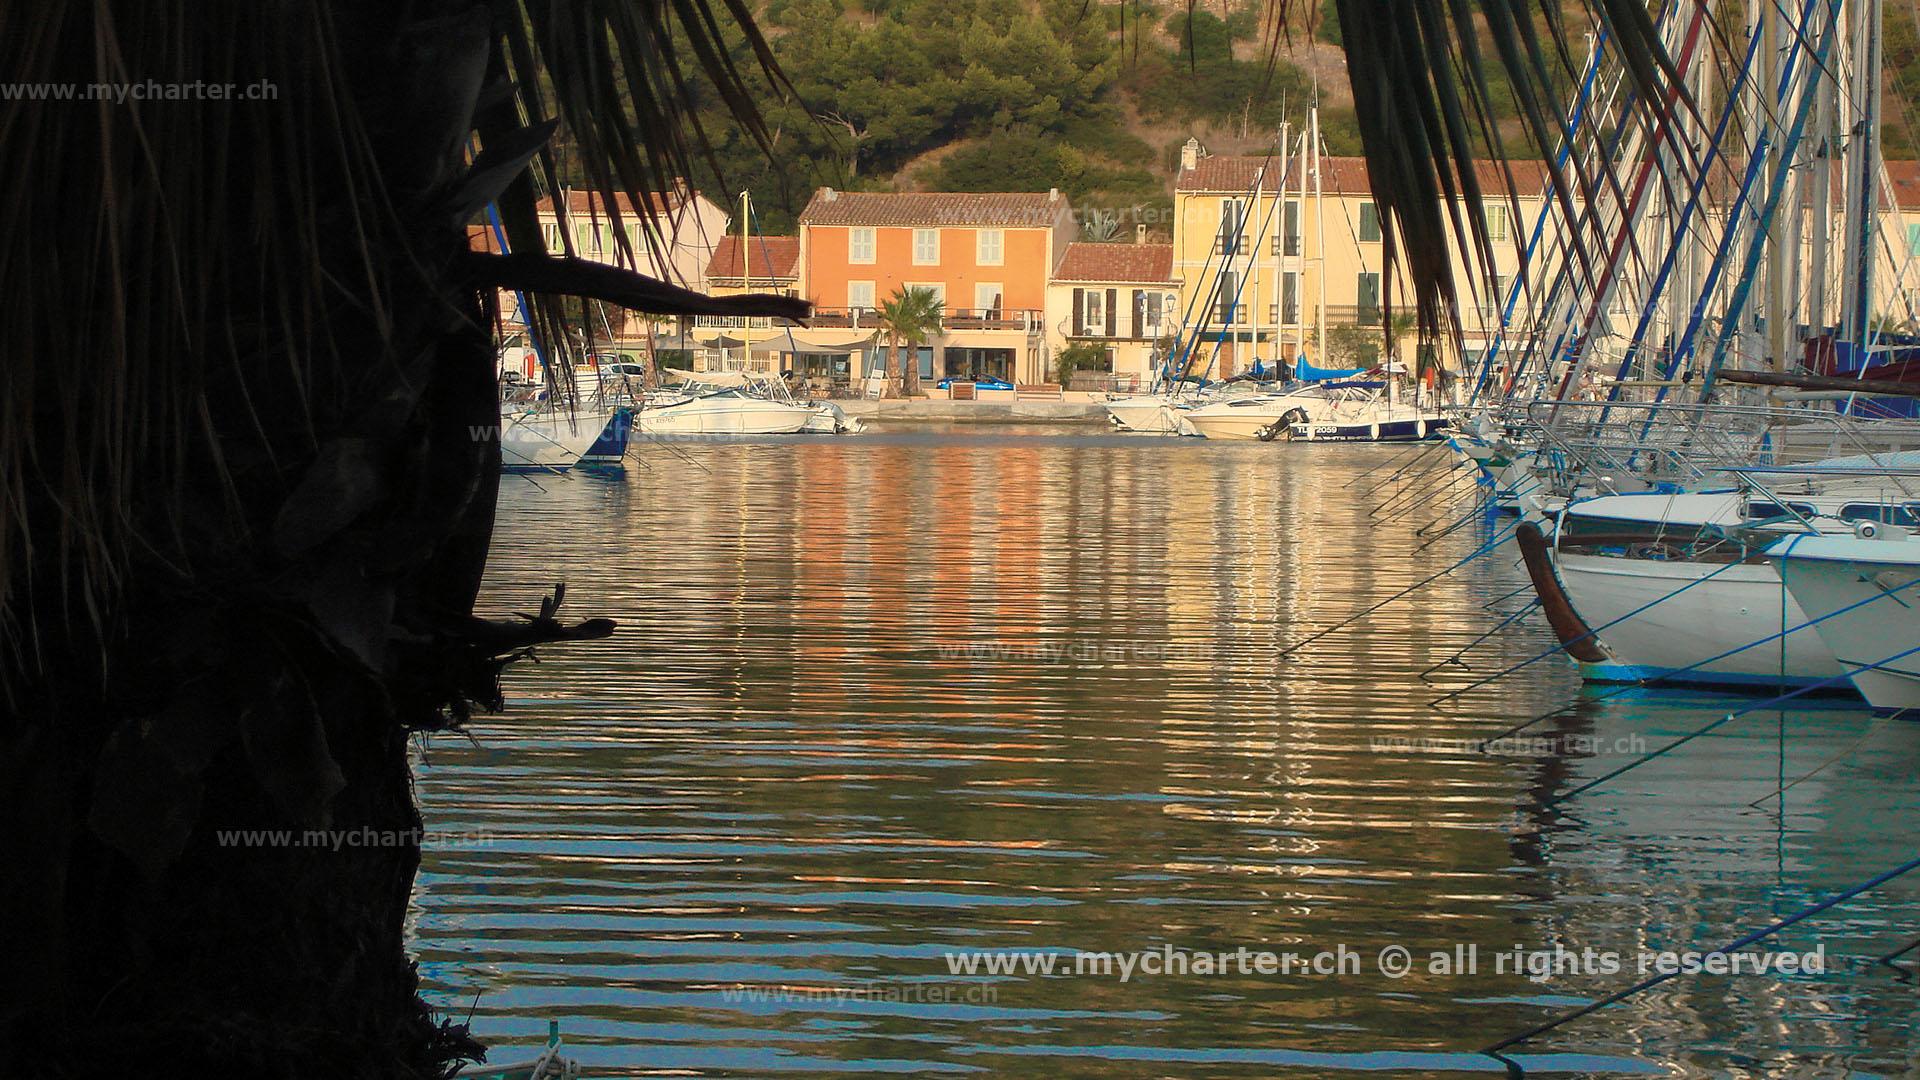 Côte d'Azur - St Mandrier-sur-Mer